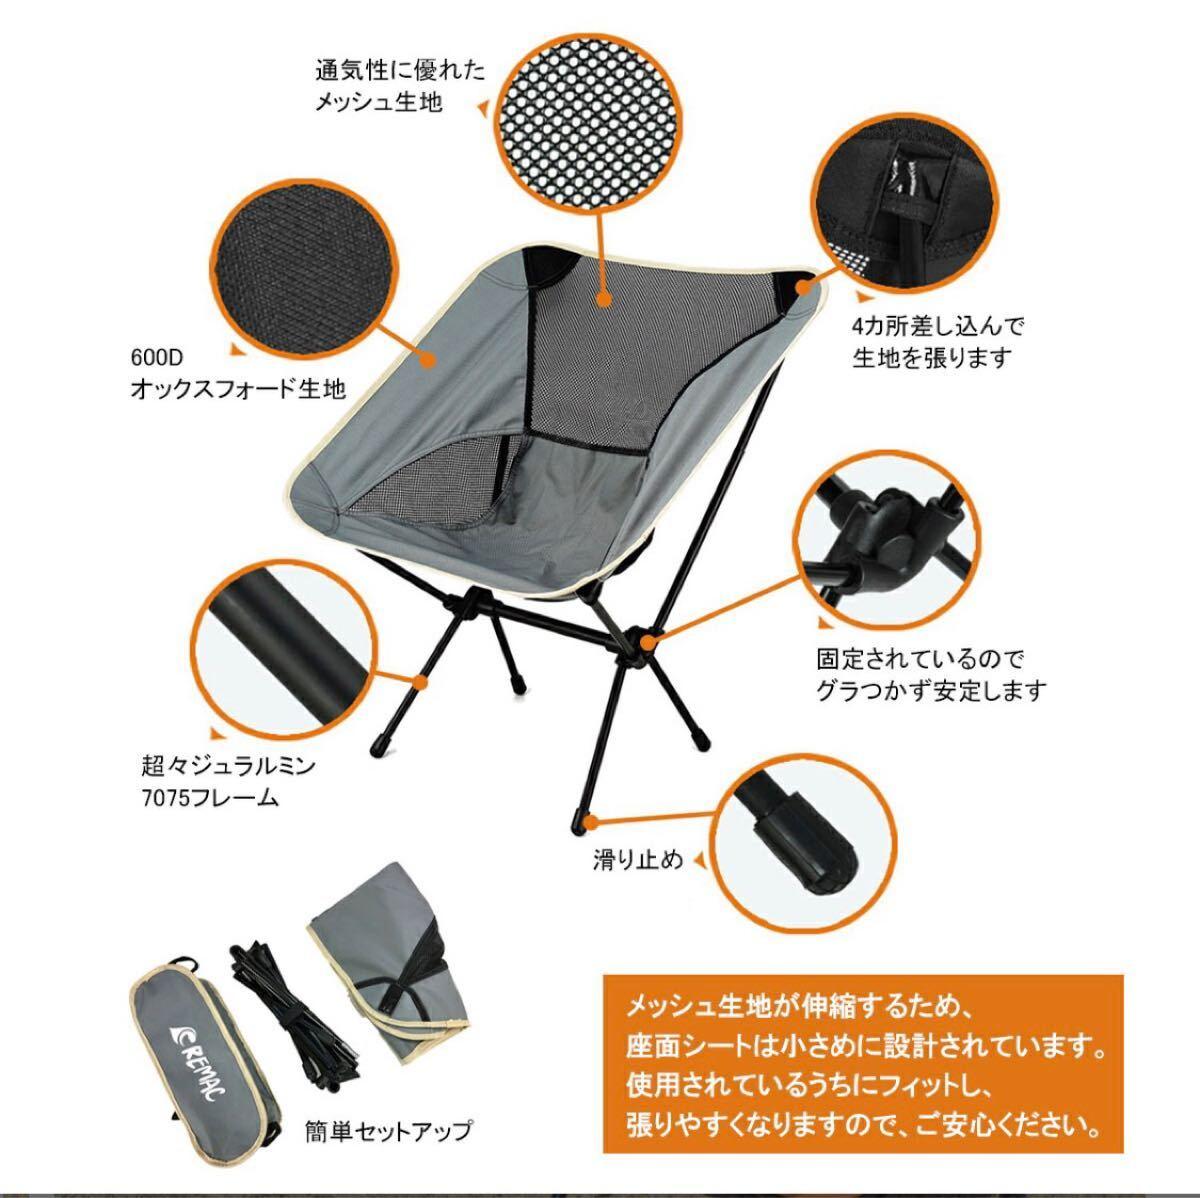 新品!即日発送!送料込み!折りたたみアウトドアチェア キャンプ椅子 ライトグレー